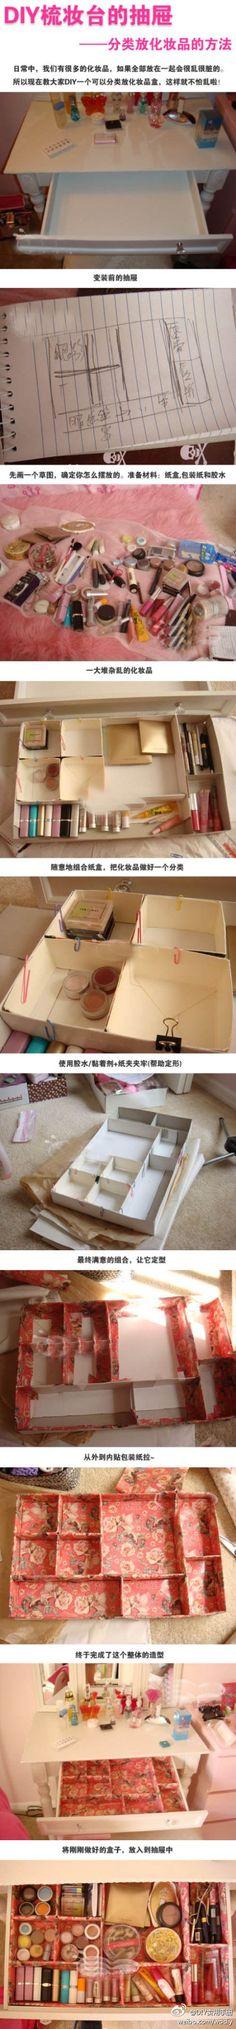 【DIY】 梳妆台 的 抽屉 分类 放 化妆品 的 方法 ~